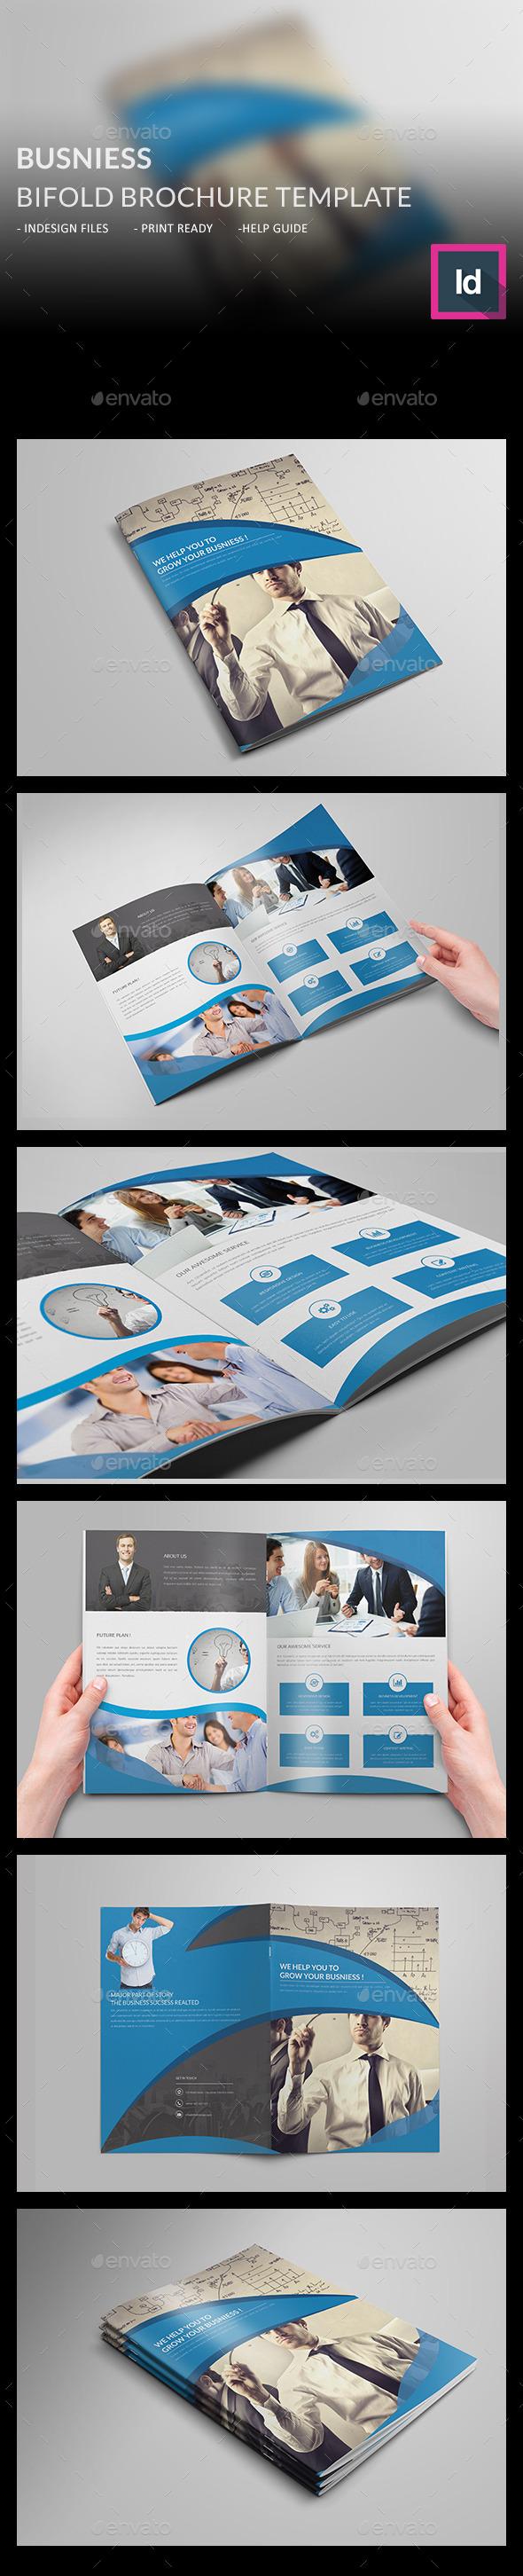 Business Bi-fold Brochure Template - Corporate Brochures